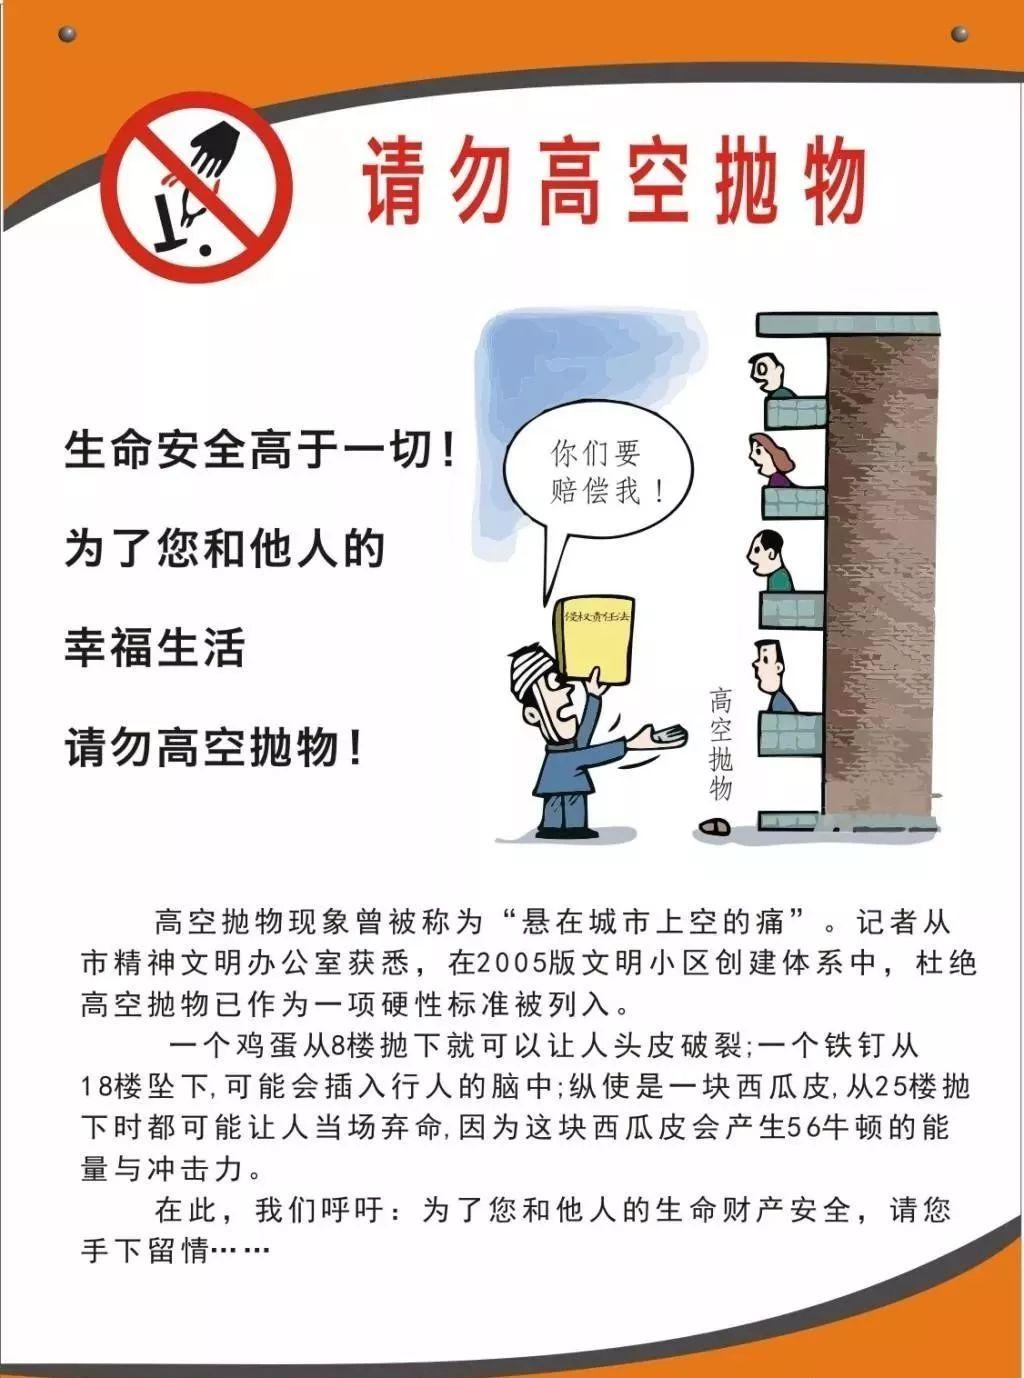 物业温馨提示:禁止高空抛物